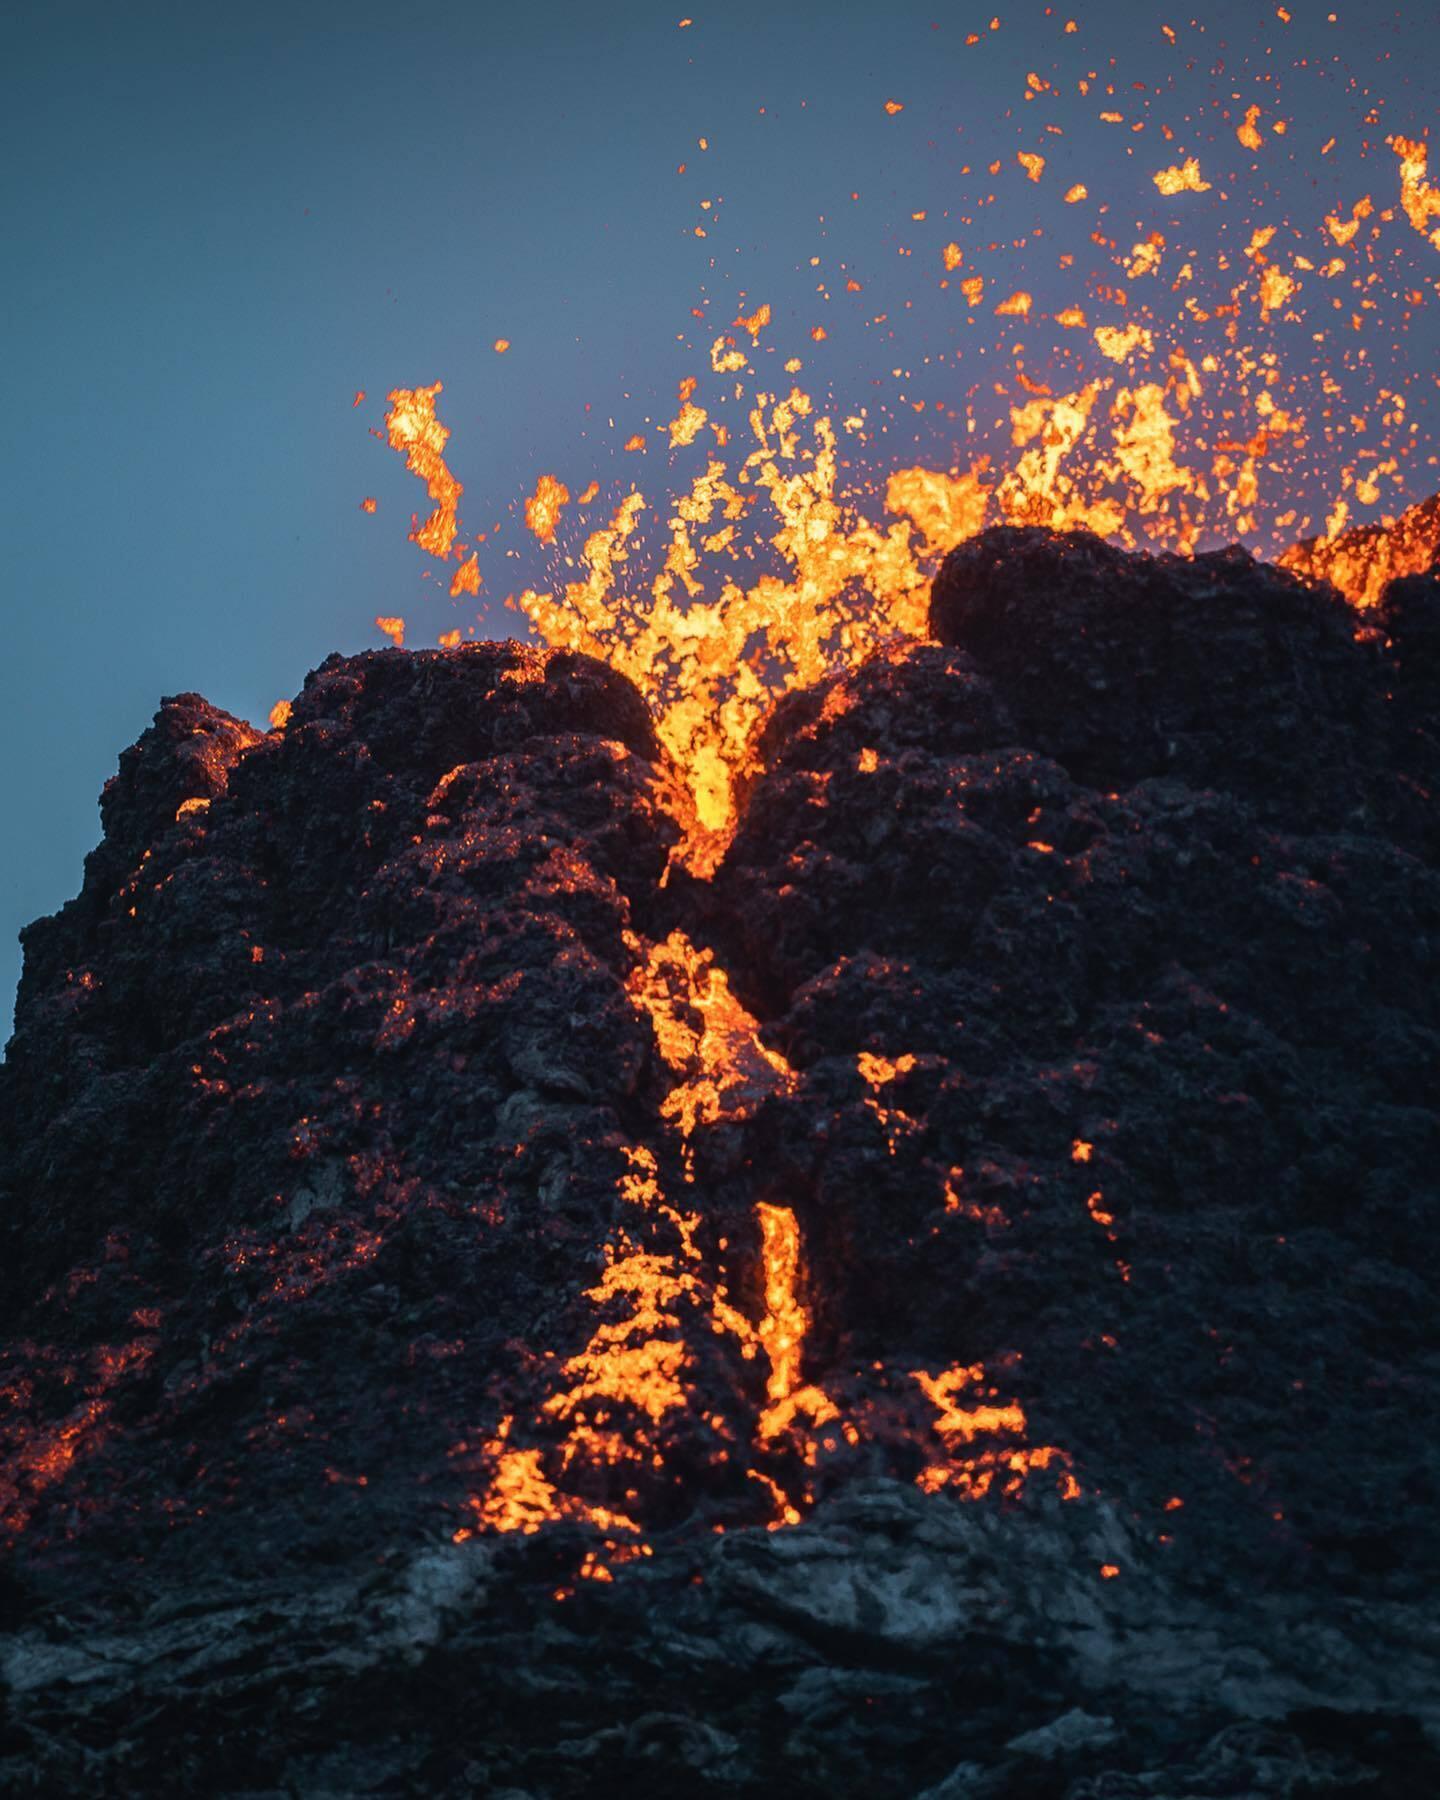 Извержение вулкана Фаґрадальсфьядль в Исландии